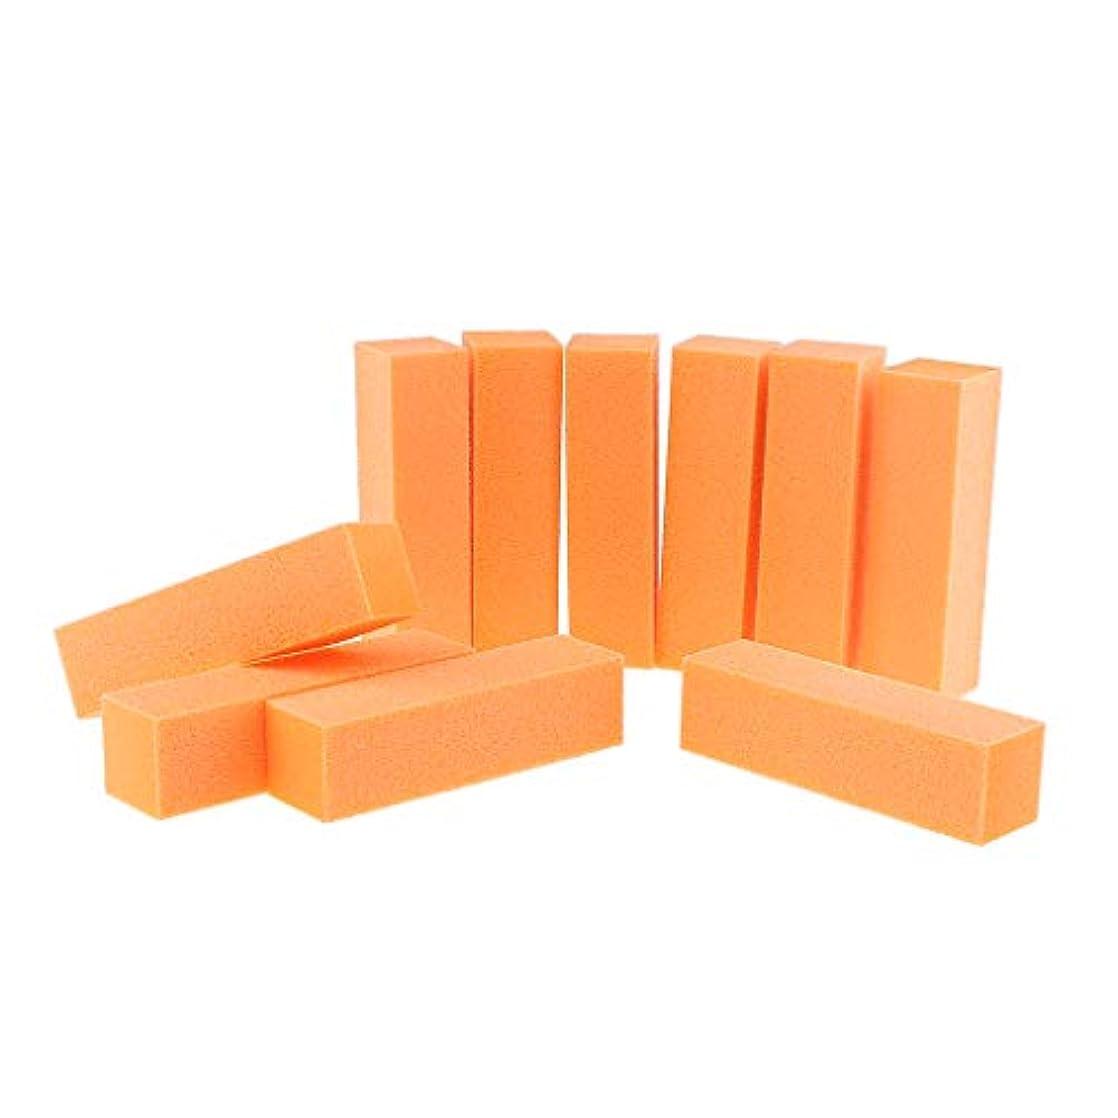 条件付き硬化するパイロット10PCSネイルアートケアバッファーバフ研磨サンディングブロックファイルグリットアクリルマニキュアツール-プロフェッショナルサロン使用または家庭用 - オレンジ